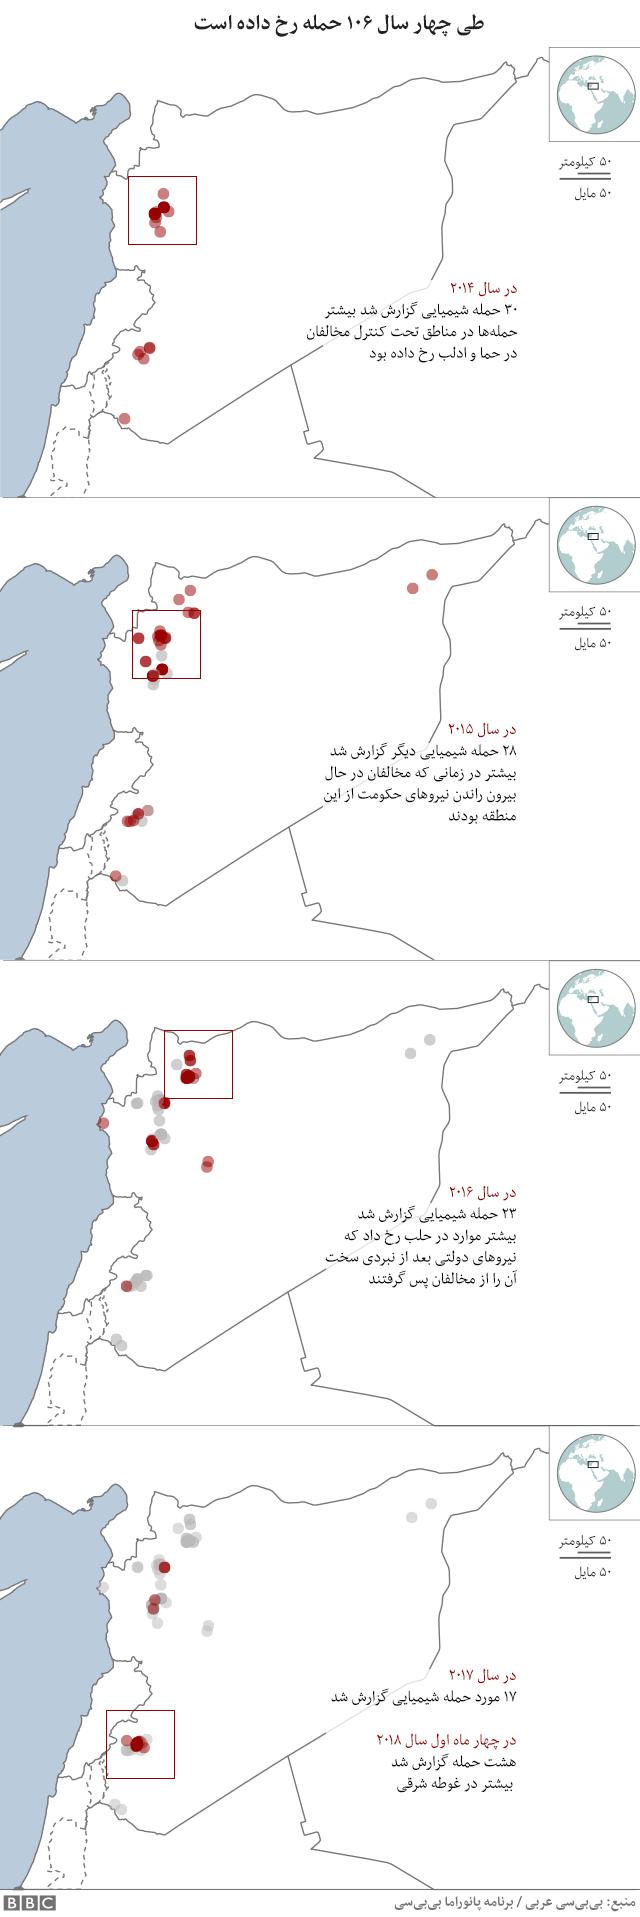 نقشه استفاده از سلاح های شیمیایی در جنگ سوریه